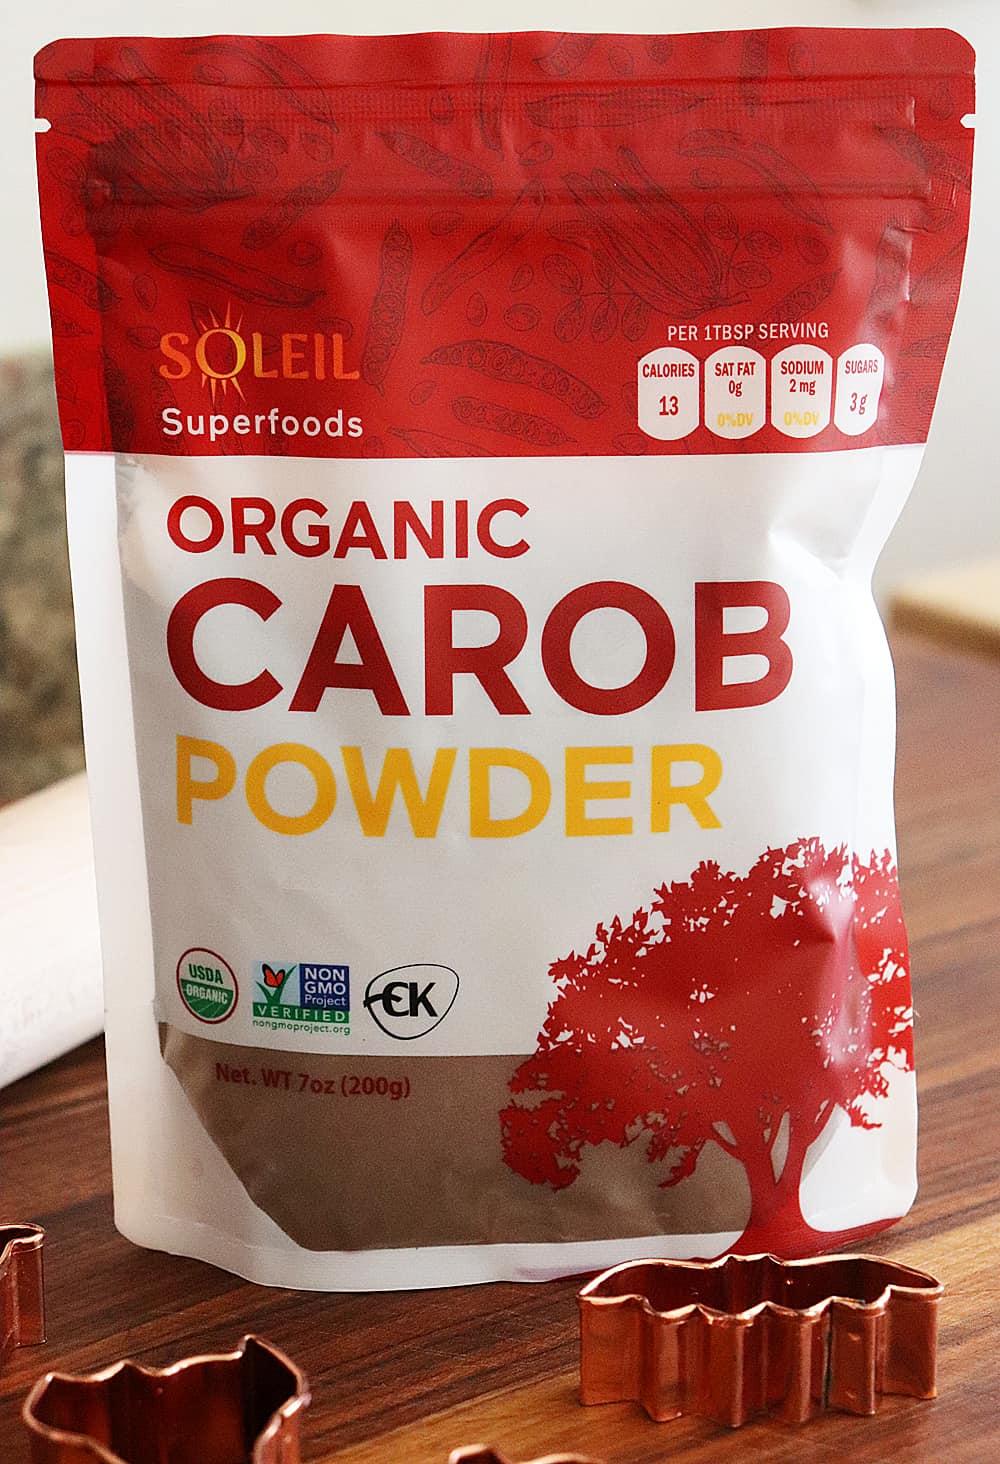 Dog Friendly CAROB Powder